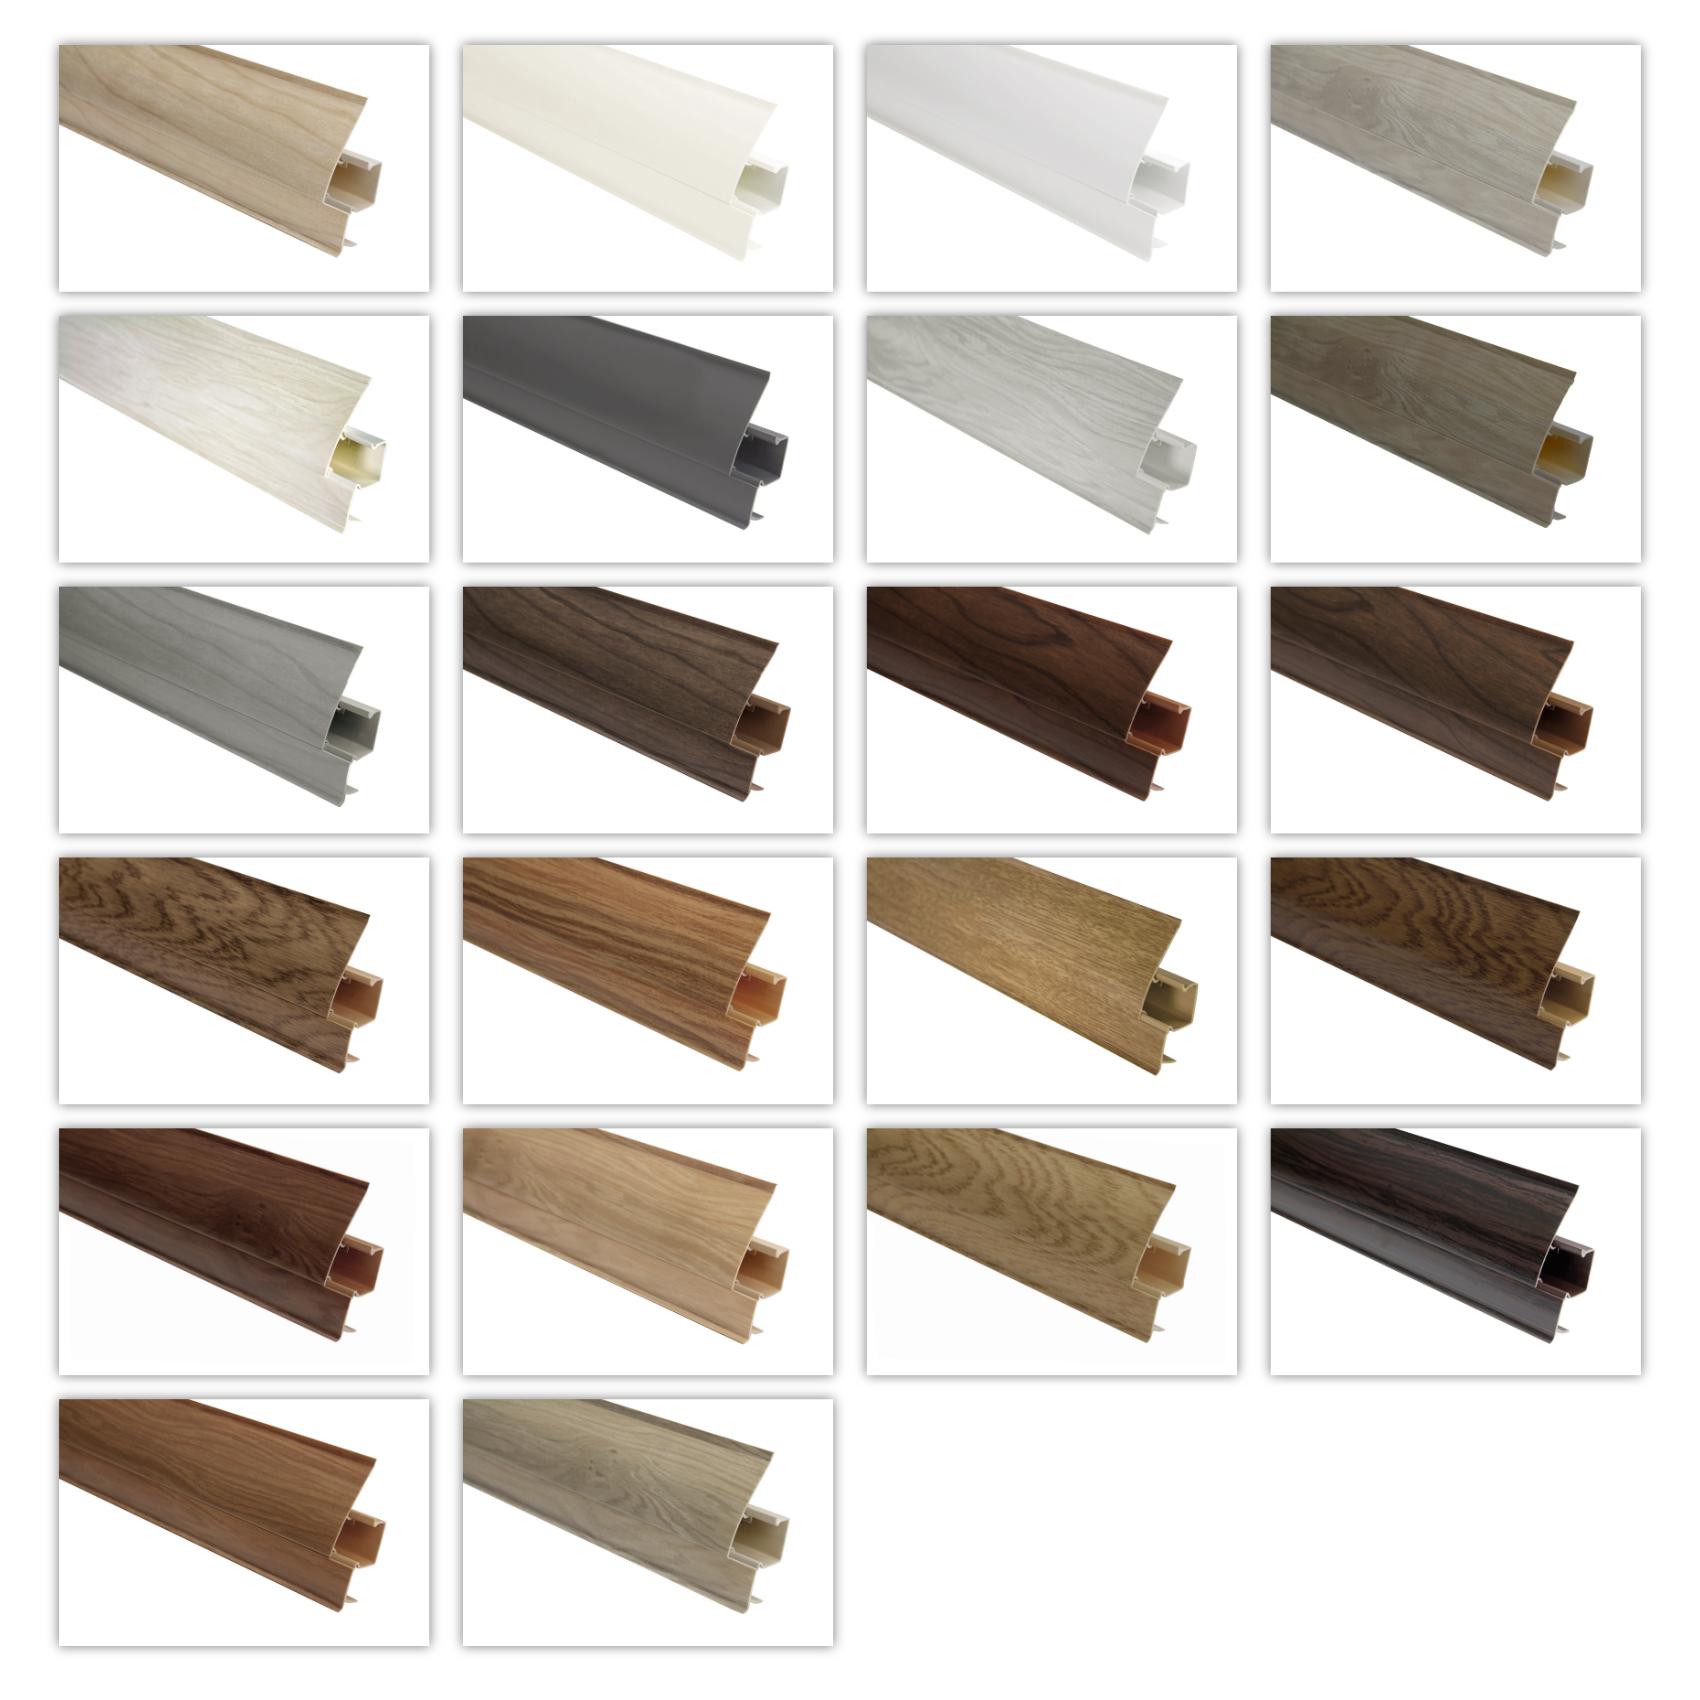 Sockelleiste und Zubehör Modern PVC Kabelkanal Auswahl